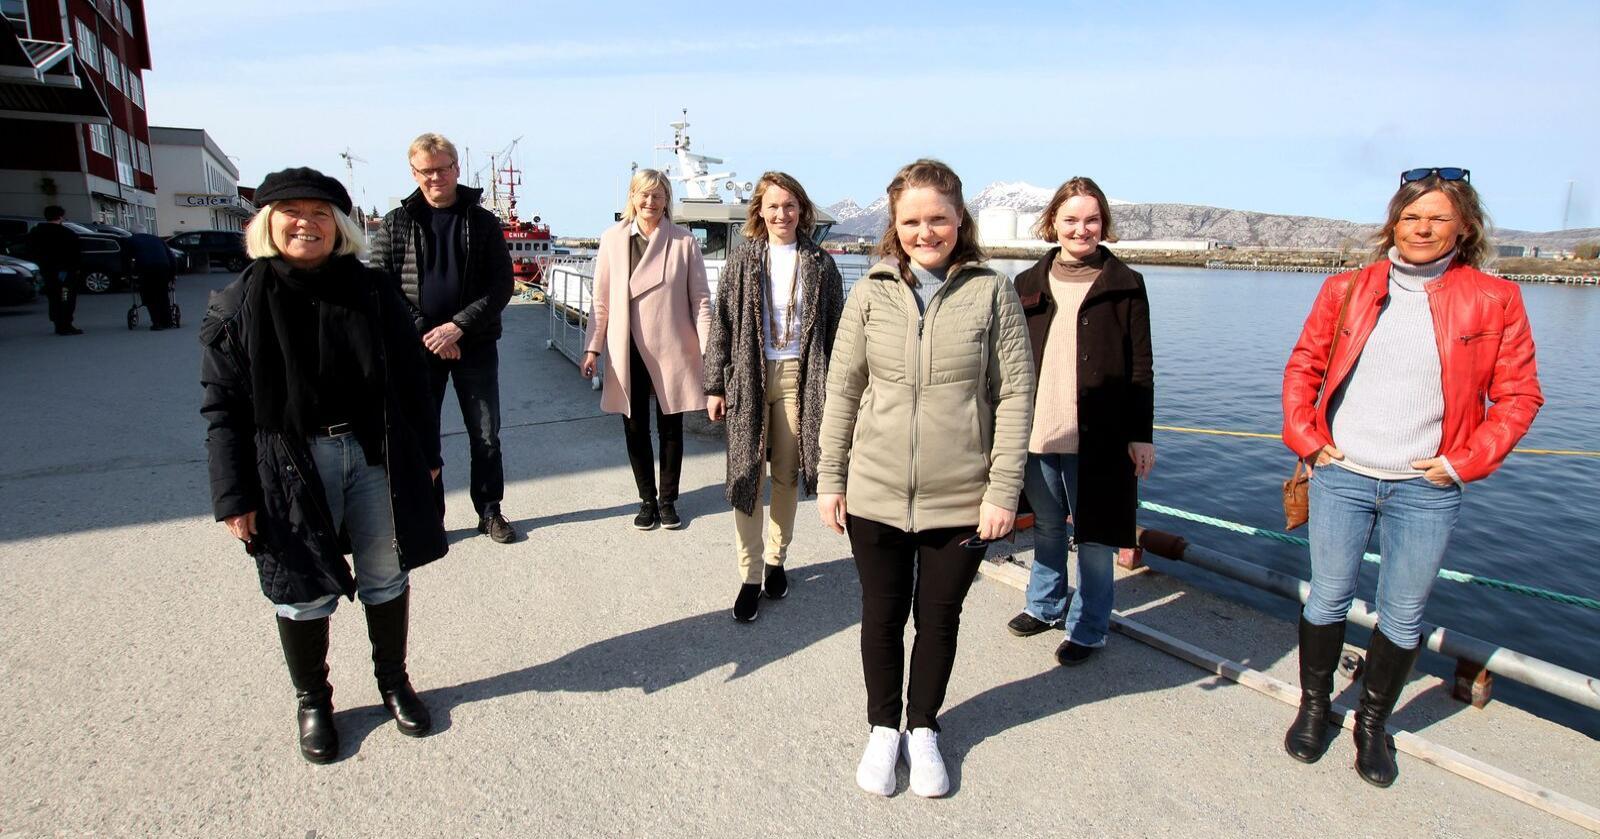 Ressursgruppa frå venstre: Arna Meisfjord, Lars Olav Mogård-Larsen, Hanne Davidsen, Aino Olaisen, Jenny Myklebust, Maria Olaisen og Renate Nordnes. Foto: Mariann Vatne